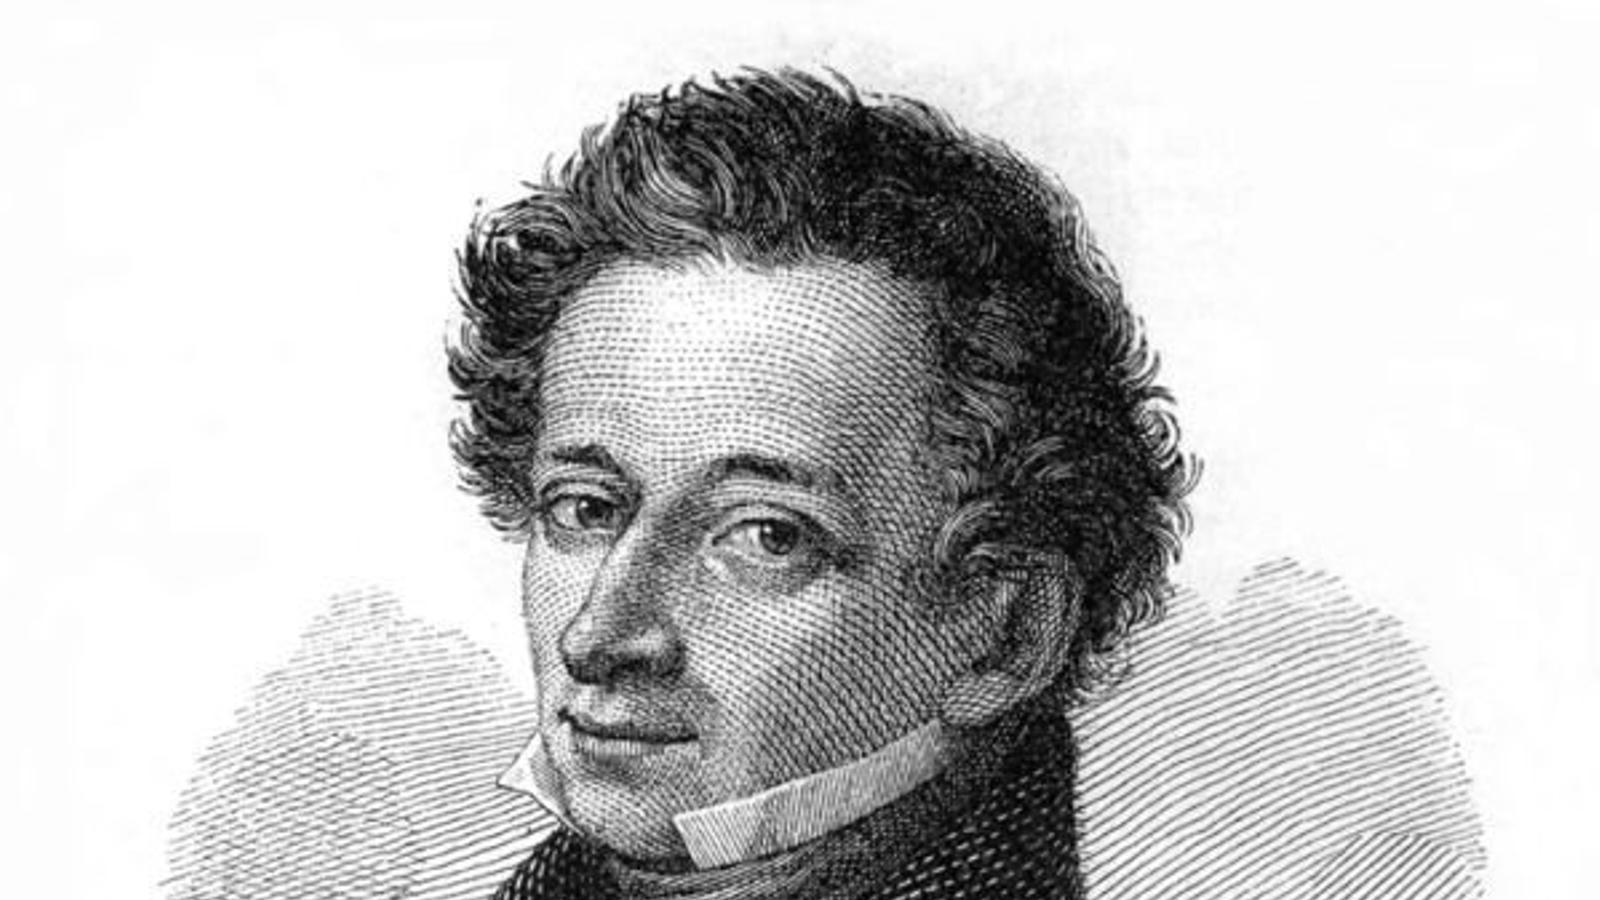 Gravat del retrat de l'escriptor de Gaetano Guadagnini.